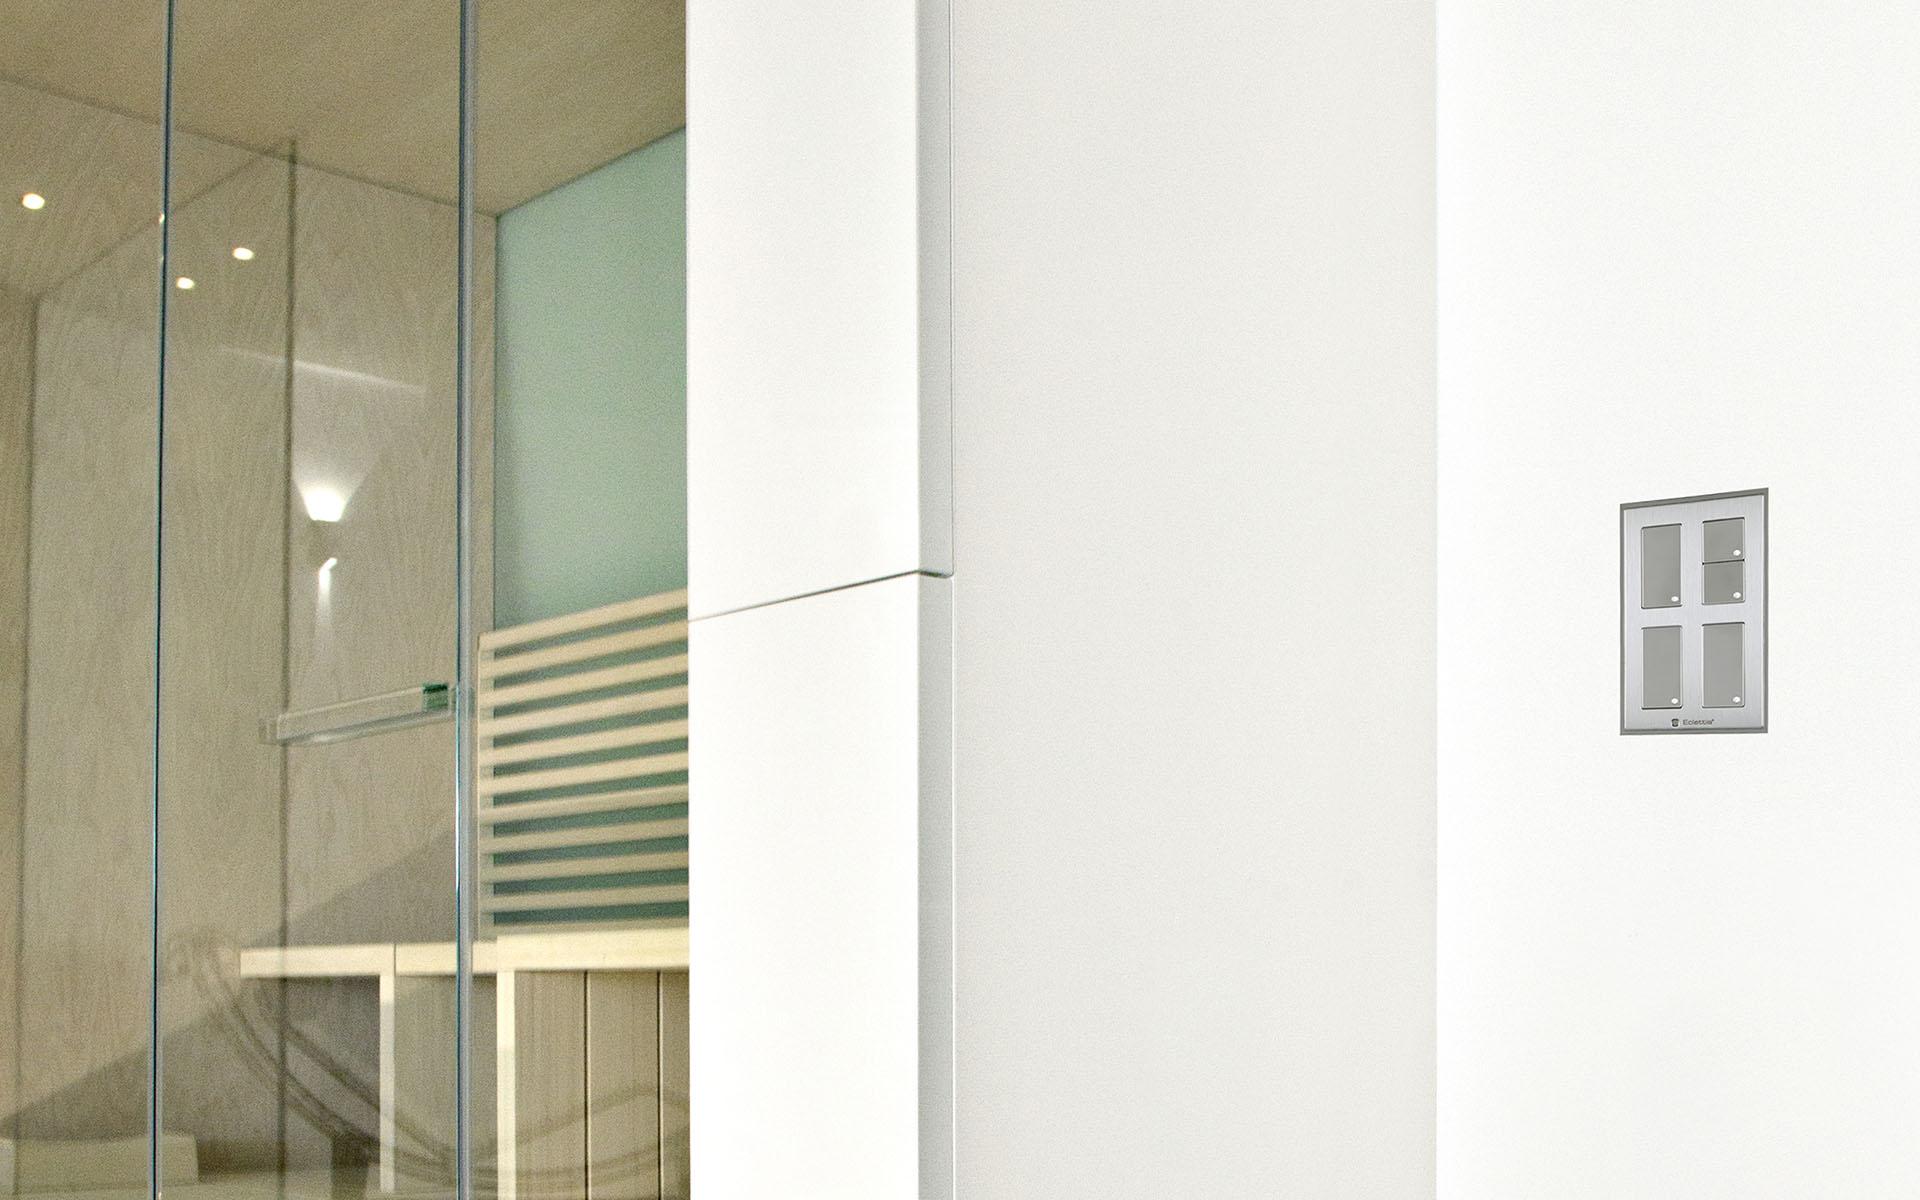 Smoothline-Serie-elettrica-civile-filo-muro-per-impianti-domotici-1